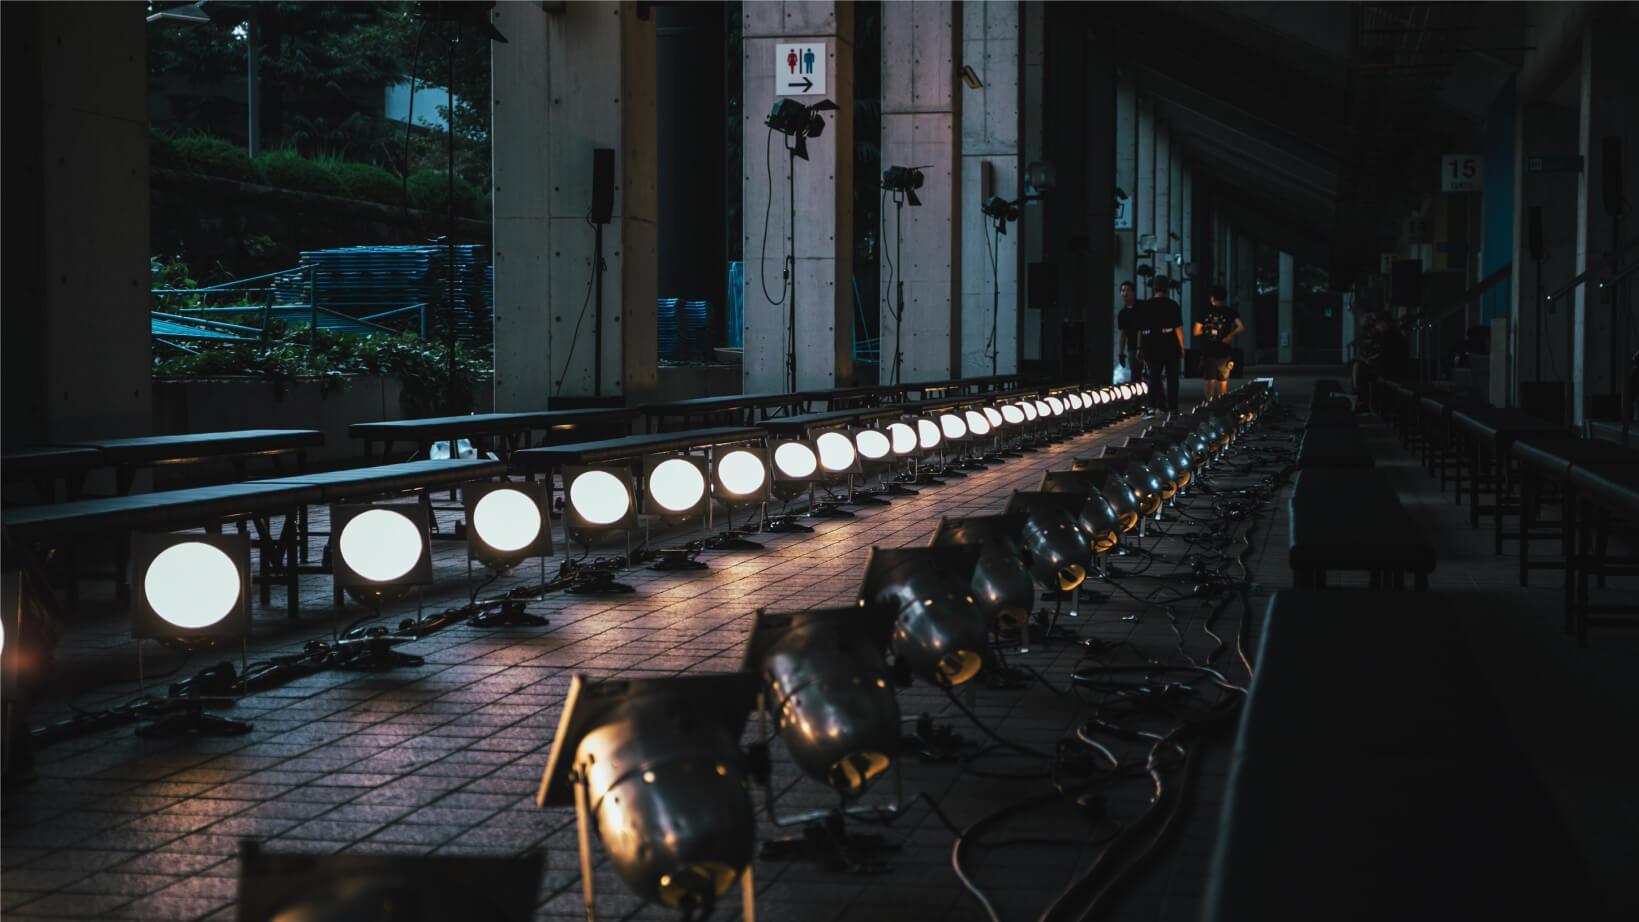 <2018年7月に銀座OPEN>コレクション初の直営店でのアルバイト・社員募集のカバー写真